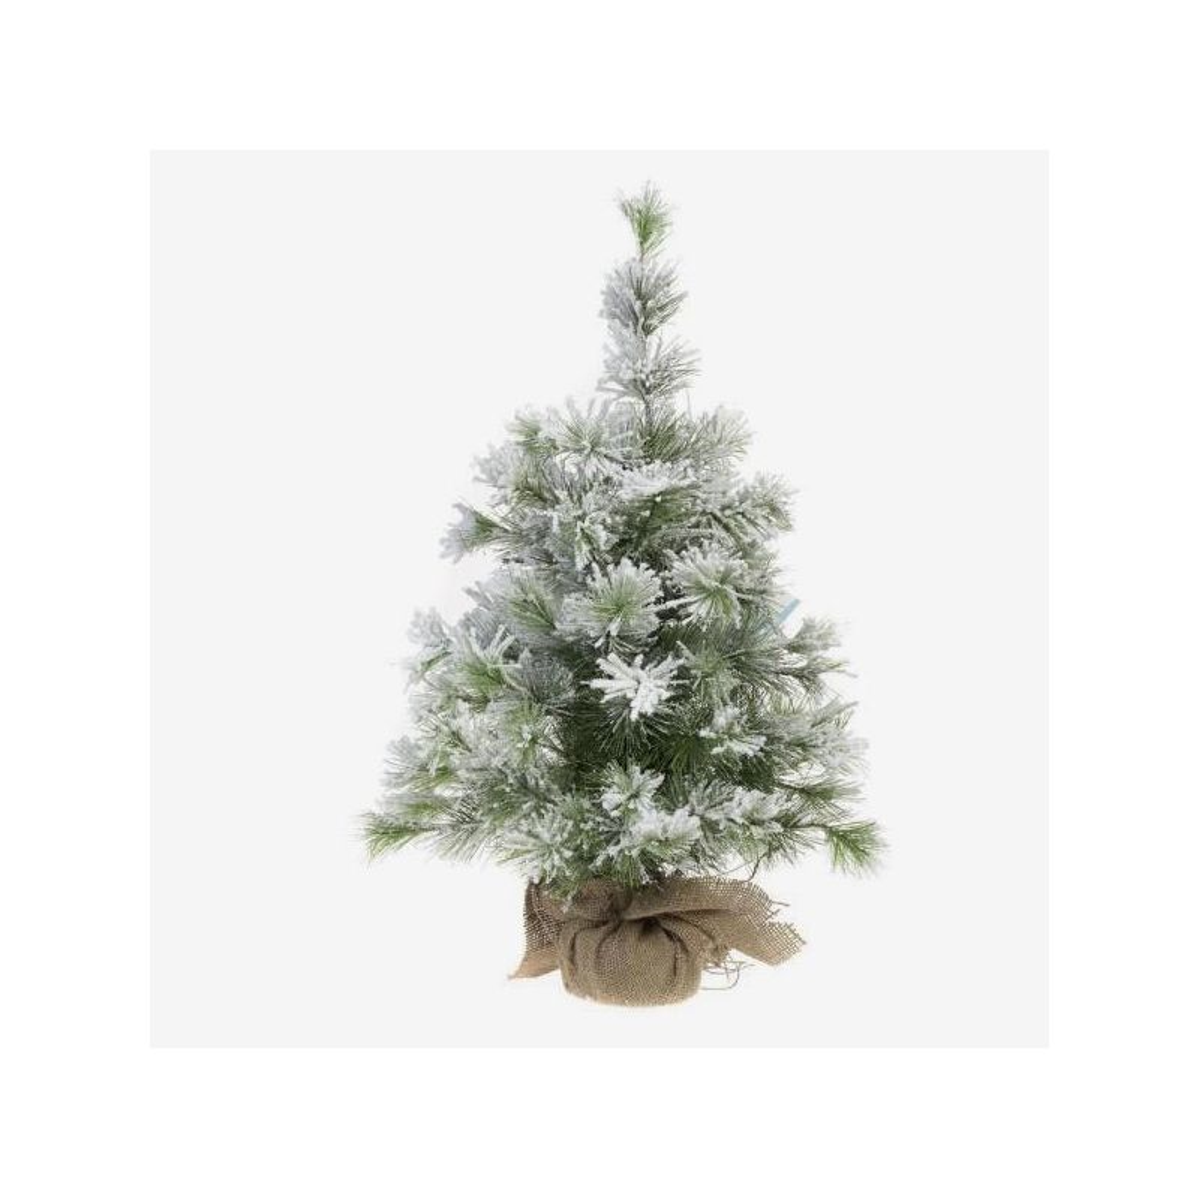 Τεχνητό Δέντρο Έλατο Χιονισμένο 60 εκ.